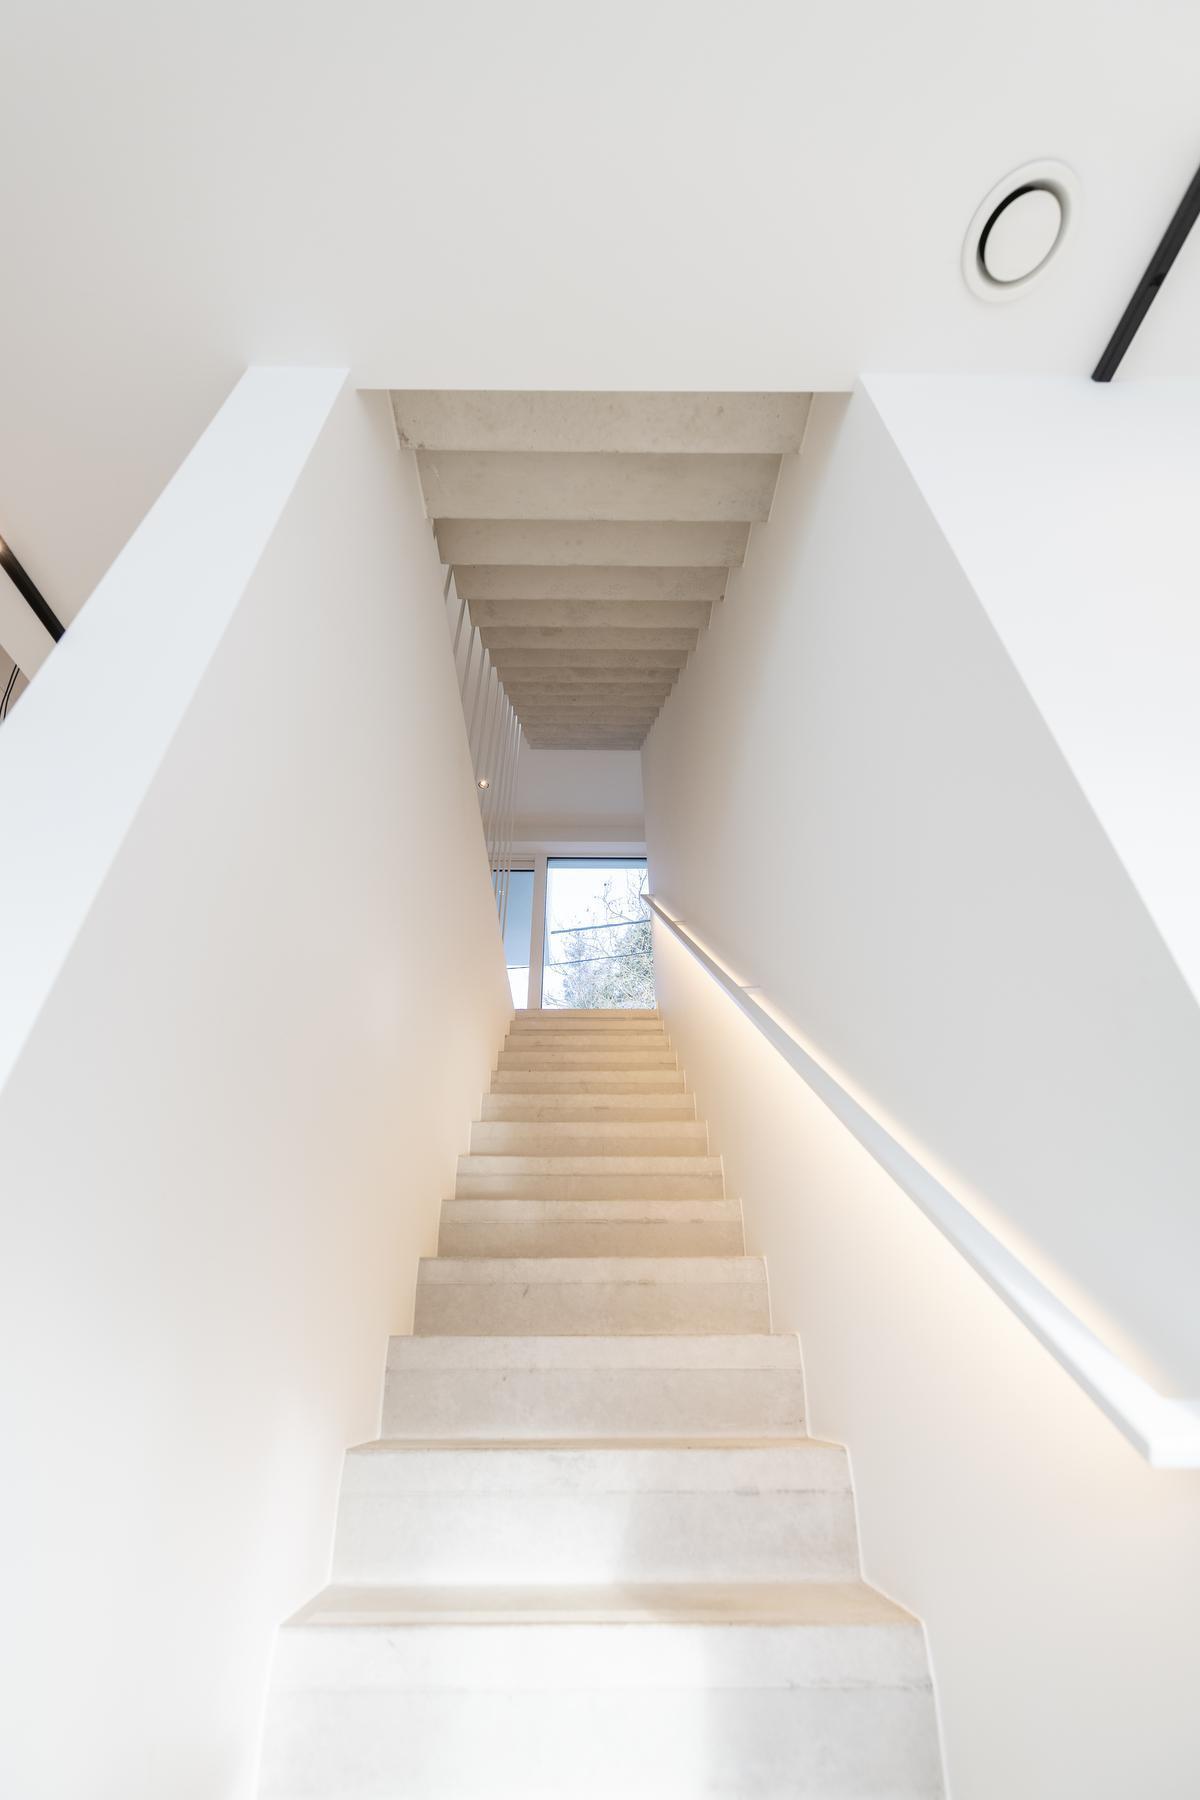 De betonnen trap in één stuk in de woning plaatsen, bleek een huzarenstukje.©Pieter Clicteur